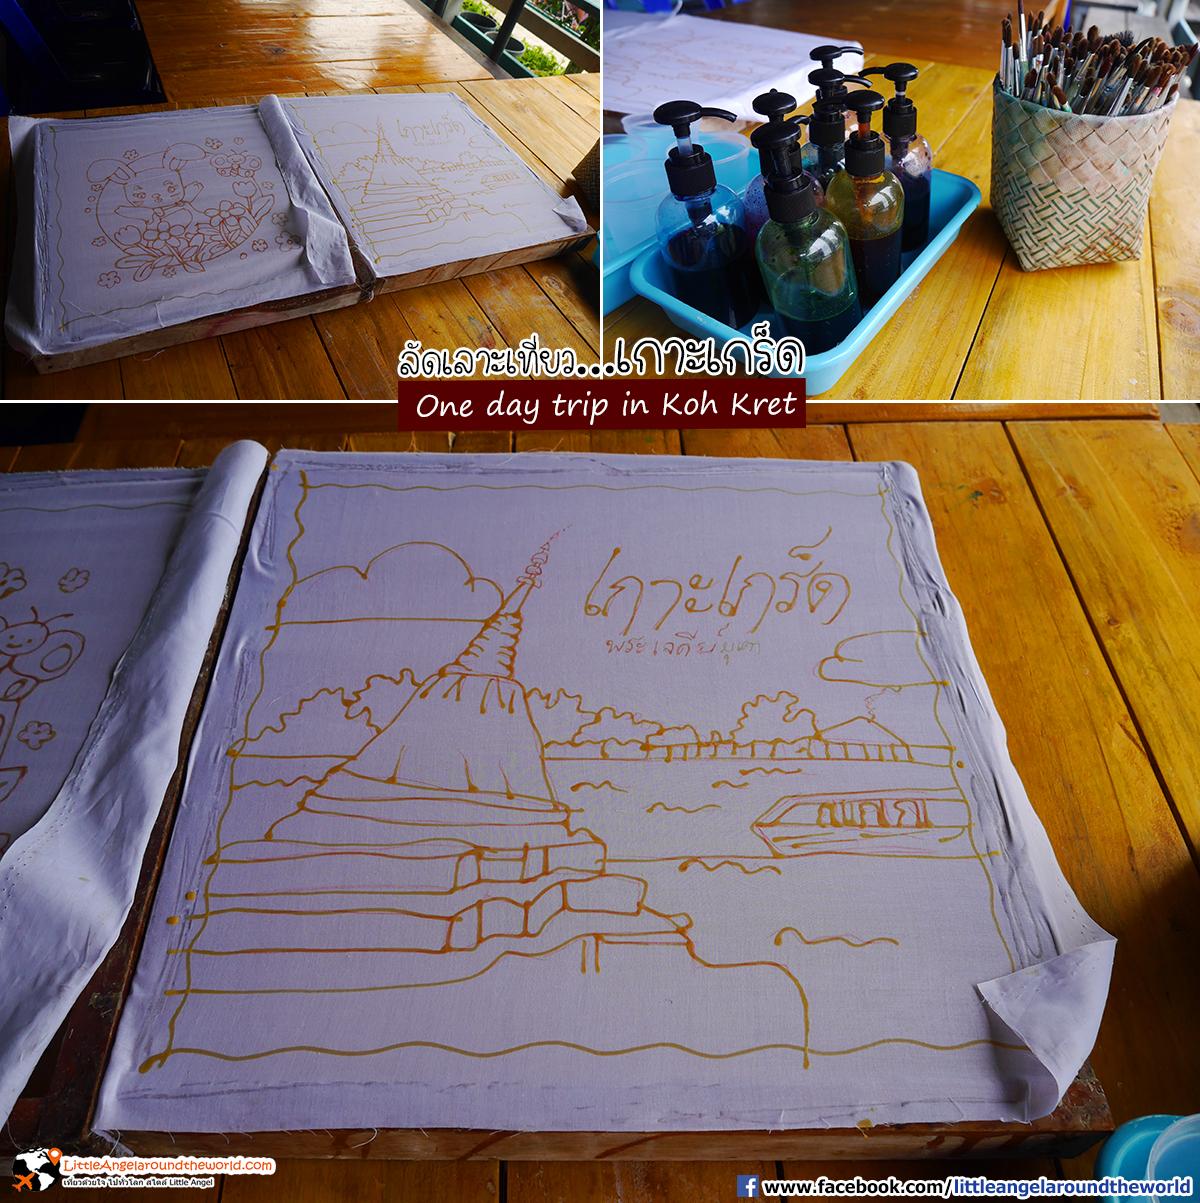 อยากทำผ้าบาติก ก็มีให้ได้ลองทำ : เที่ยวเกาะเกร็ด (One day trip in Koh Kret)